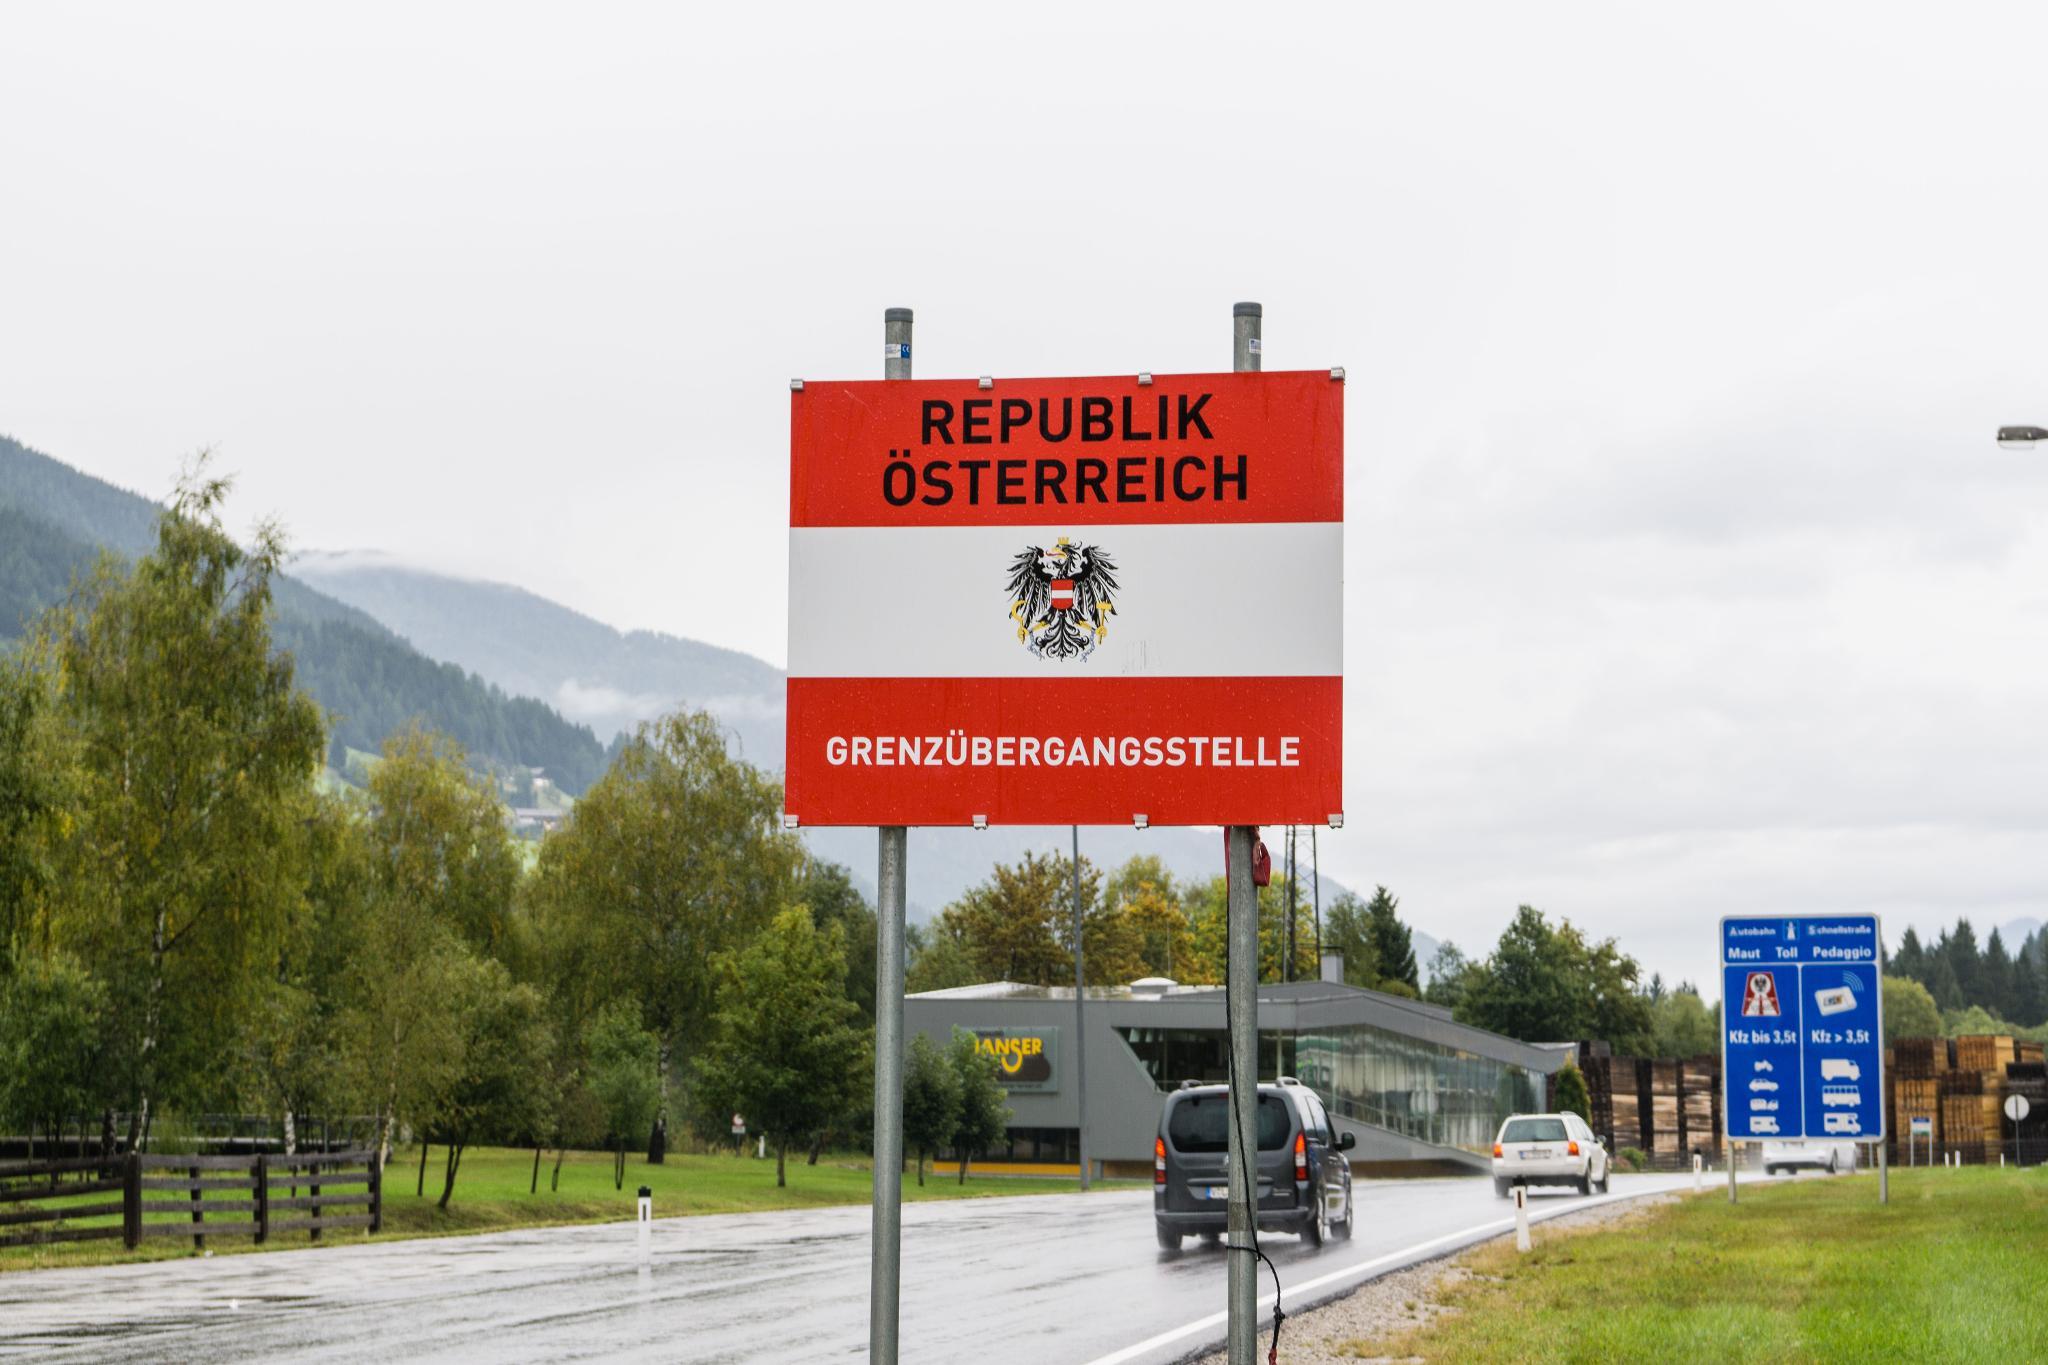 【奧地利】穿越阿爾卑斯之巔 — 奧地利大鐘山冰河公路 (Grossglockner High Alpine Road) 3